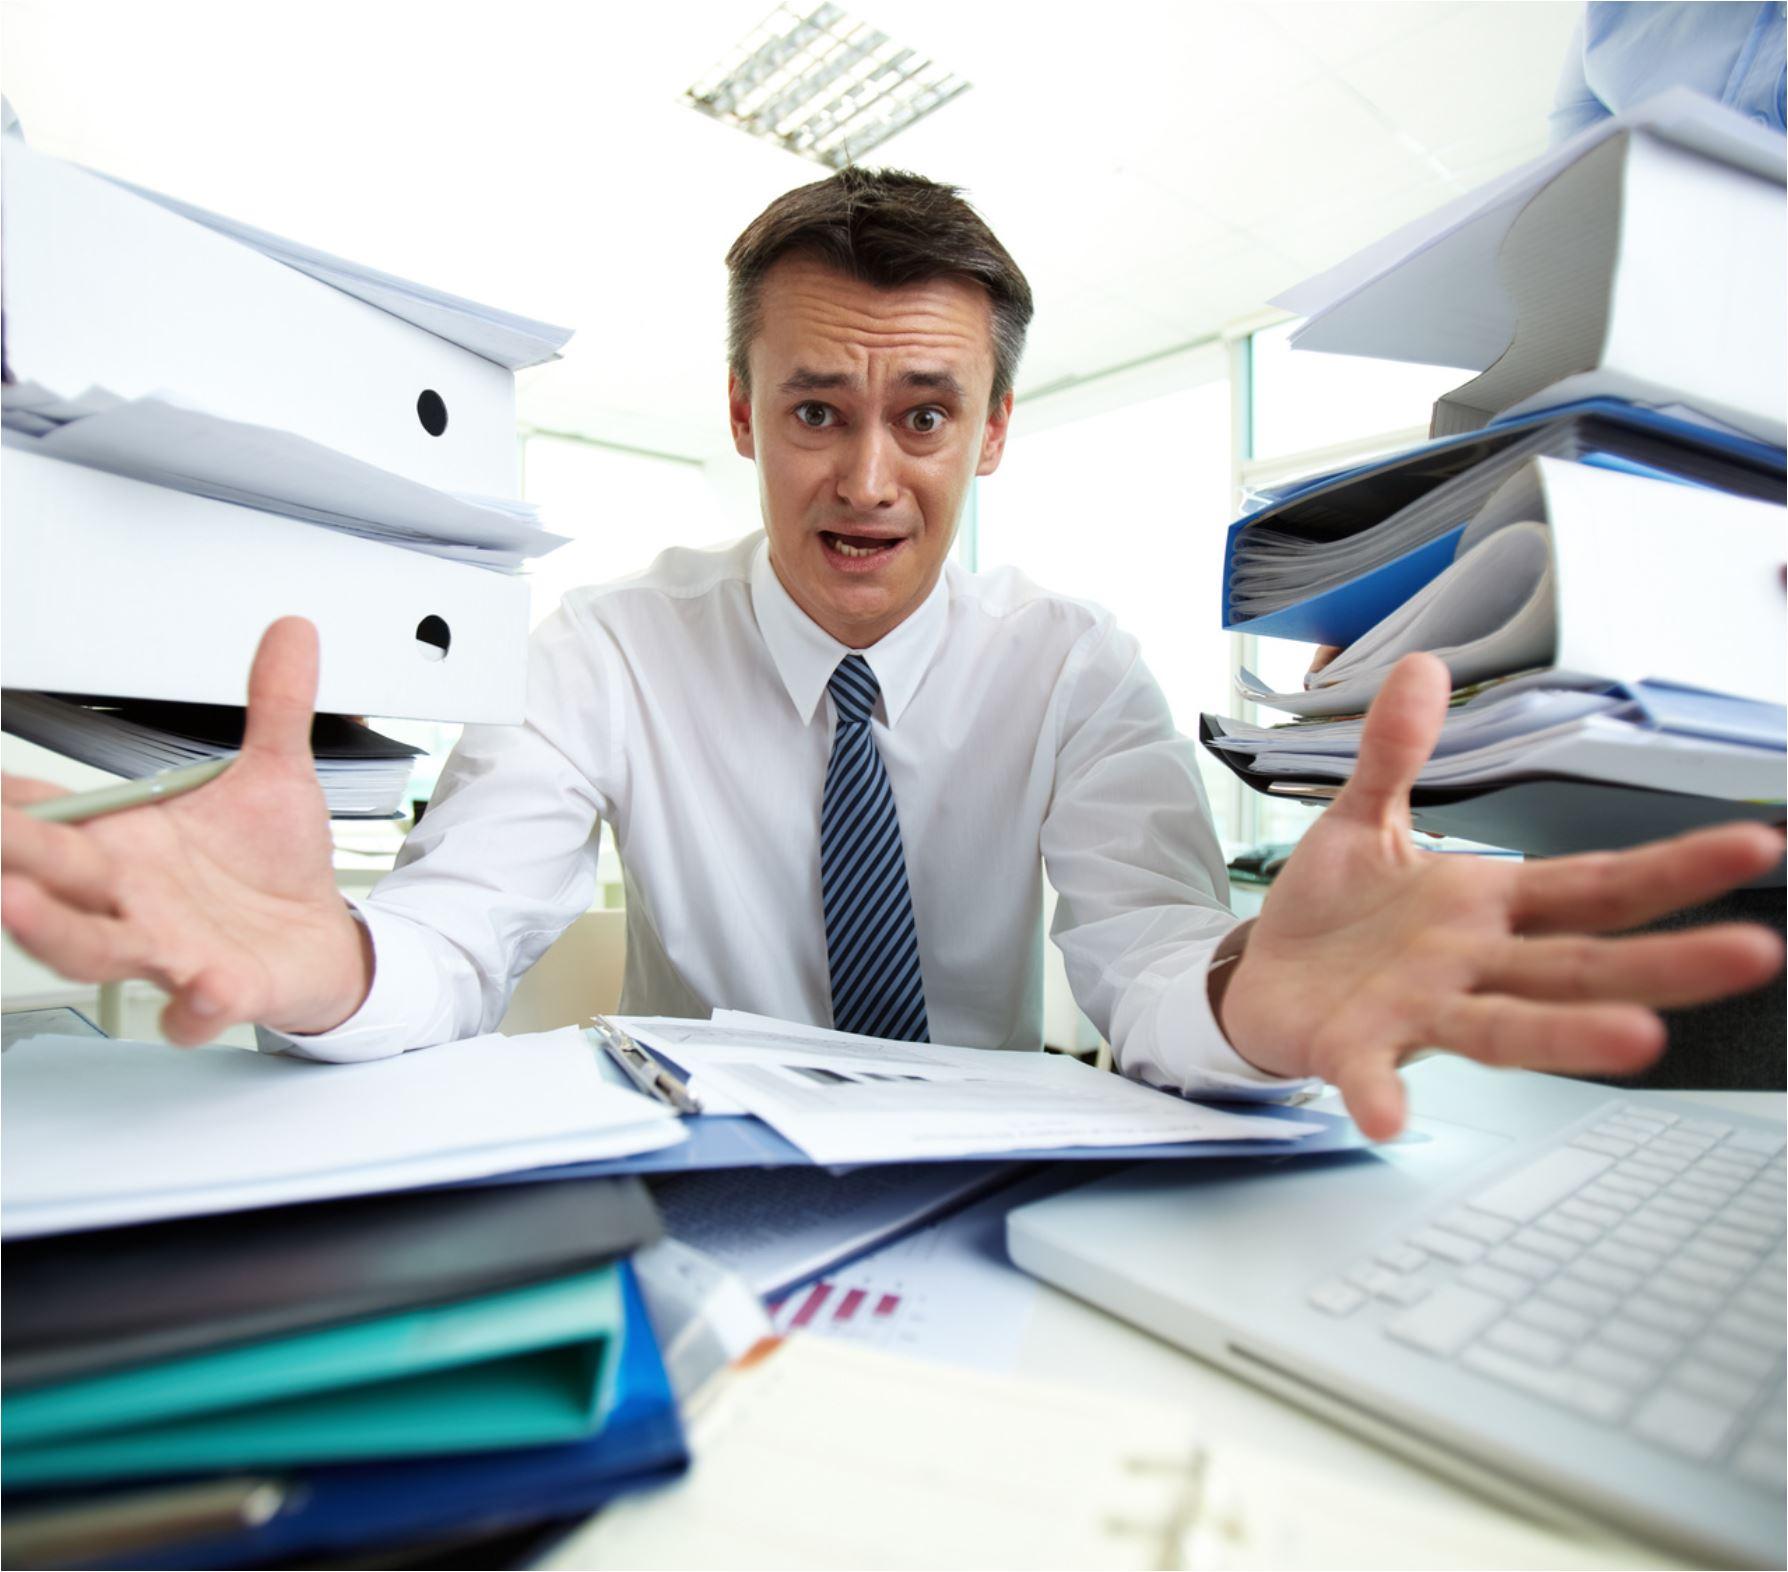 dokumentenmanagement dms rechnungen mehrwertsteuer